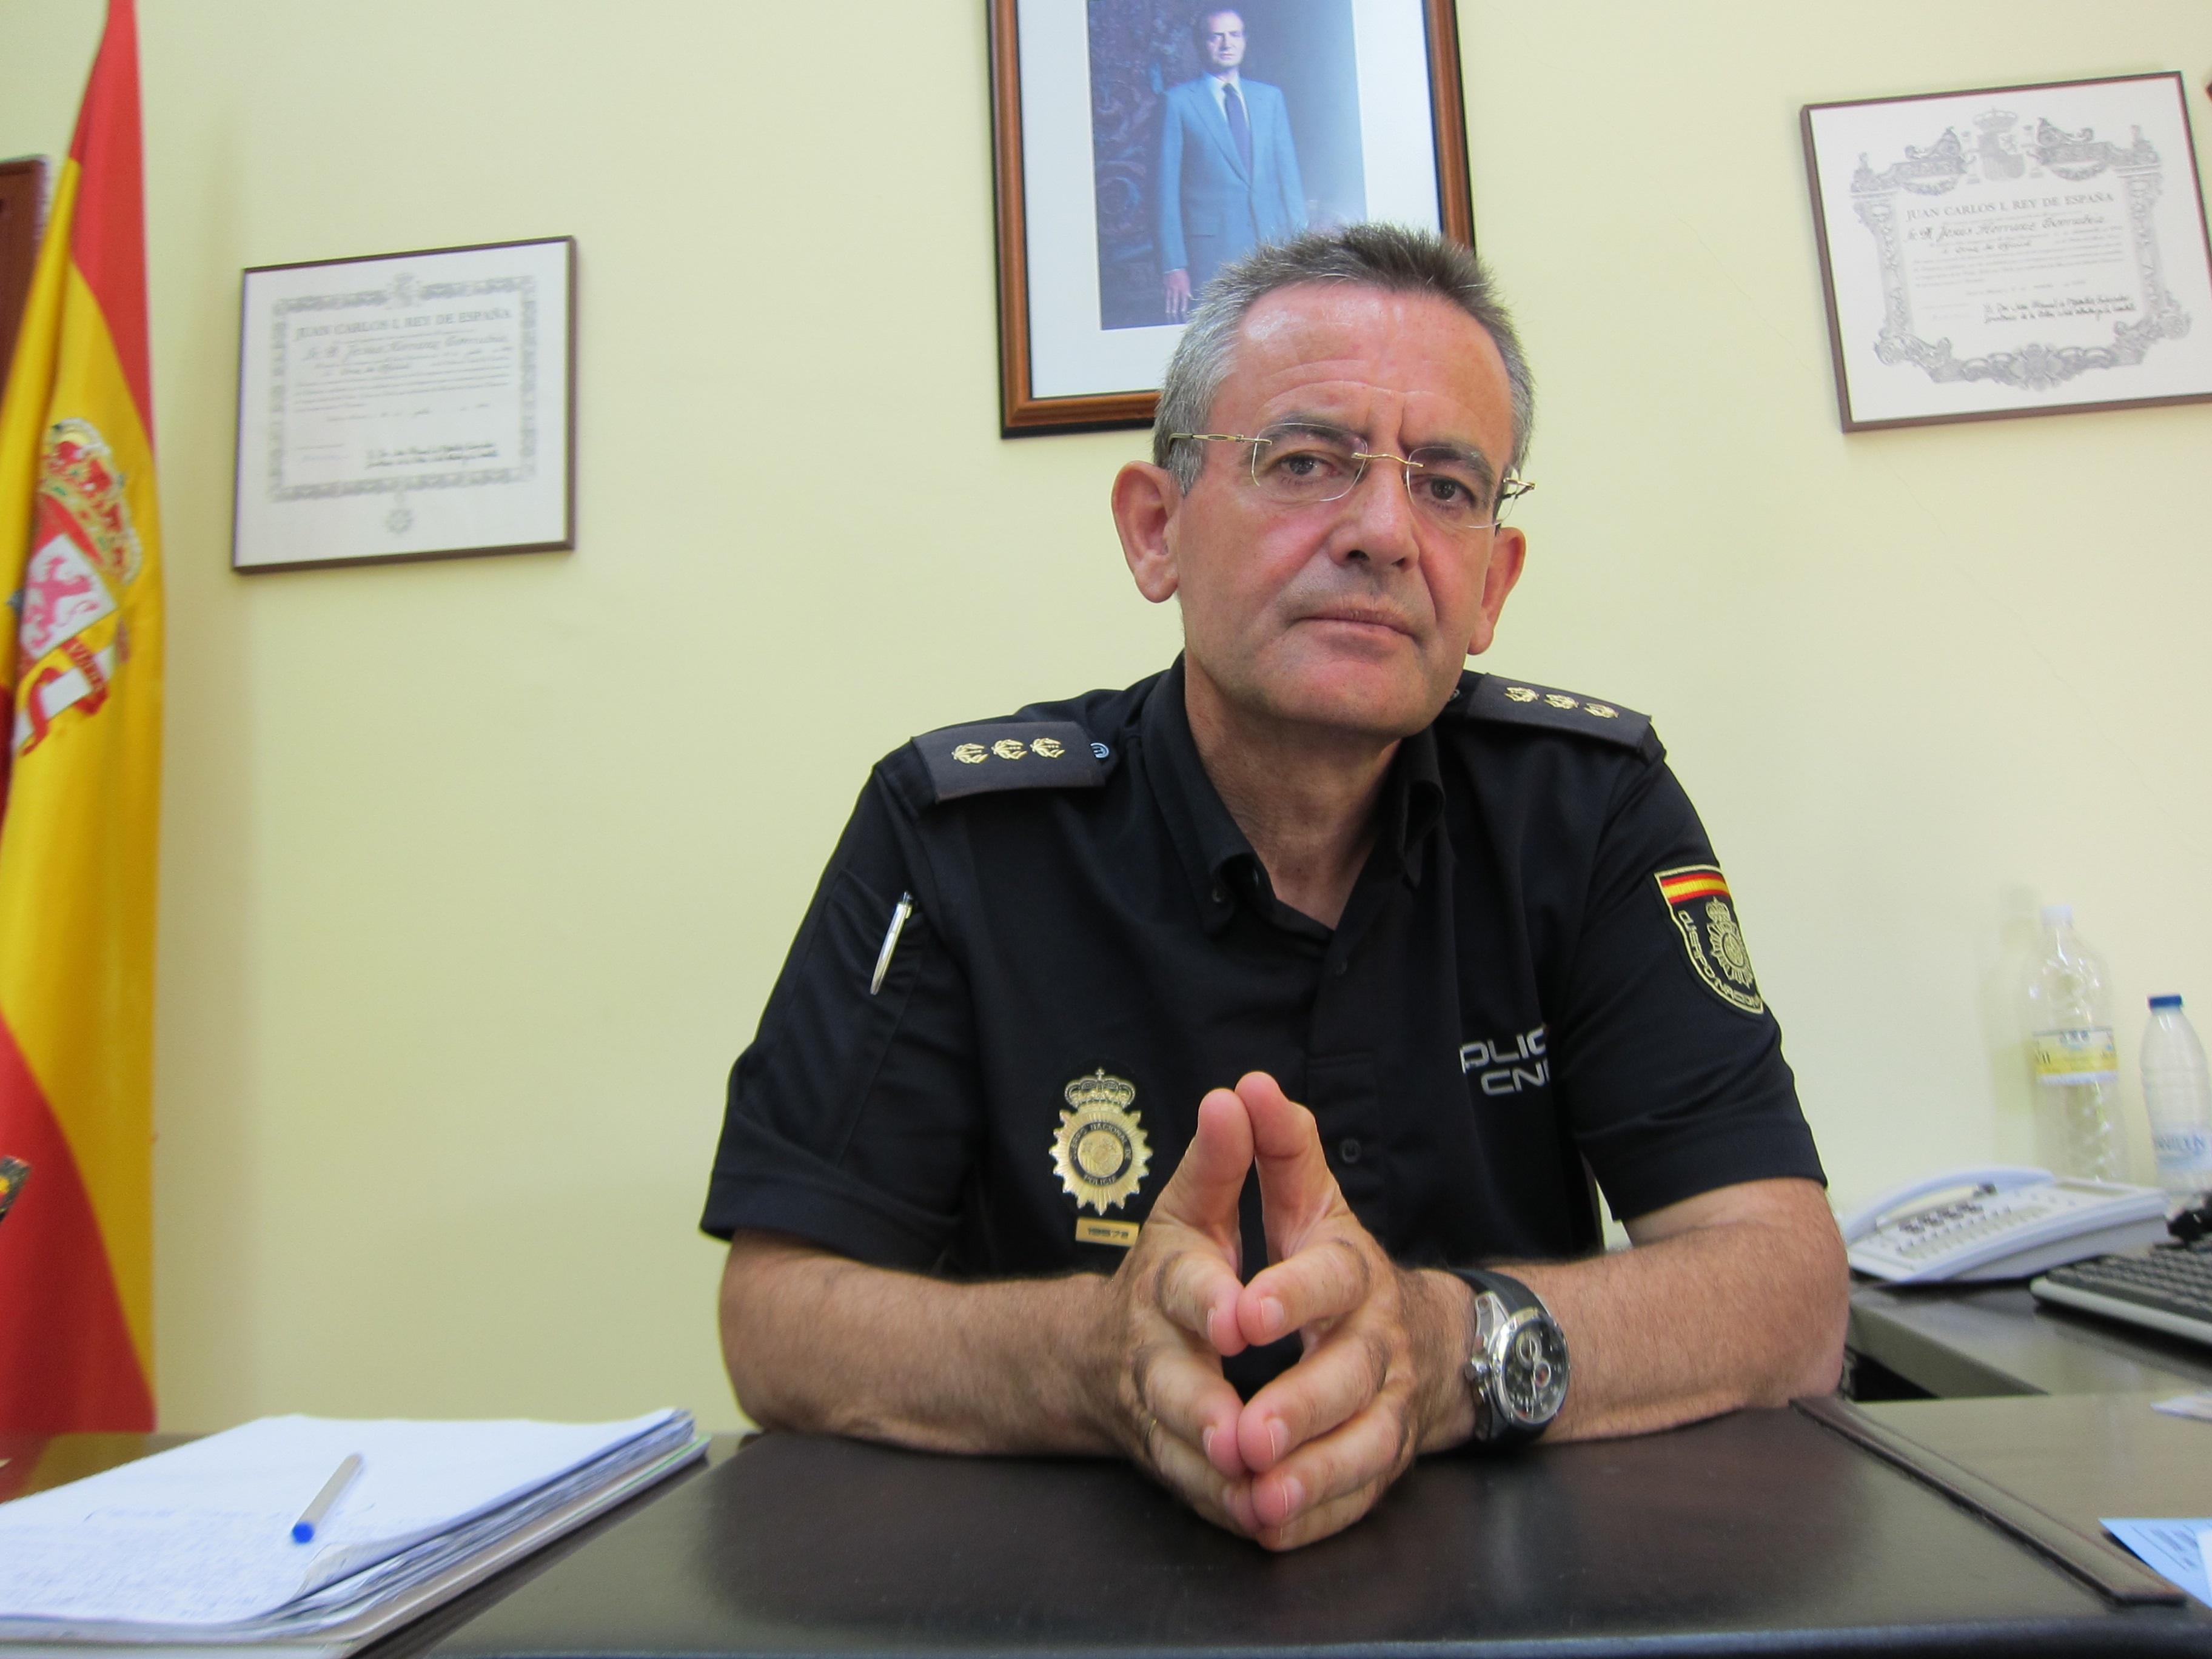 Herranz cree que la Comisaría debe estar junto a la Ciudad de la Justicia para ahorrar en el traslado de presos